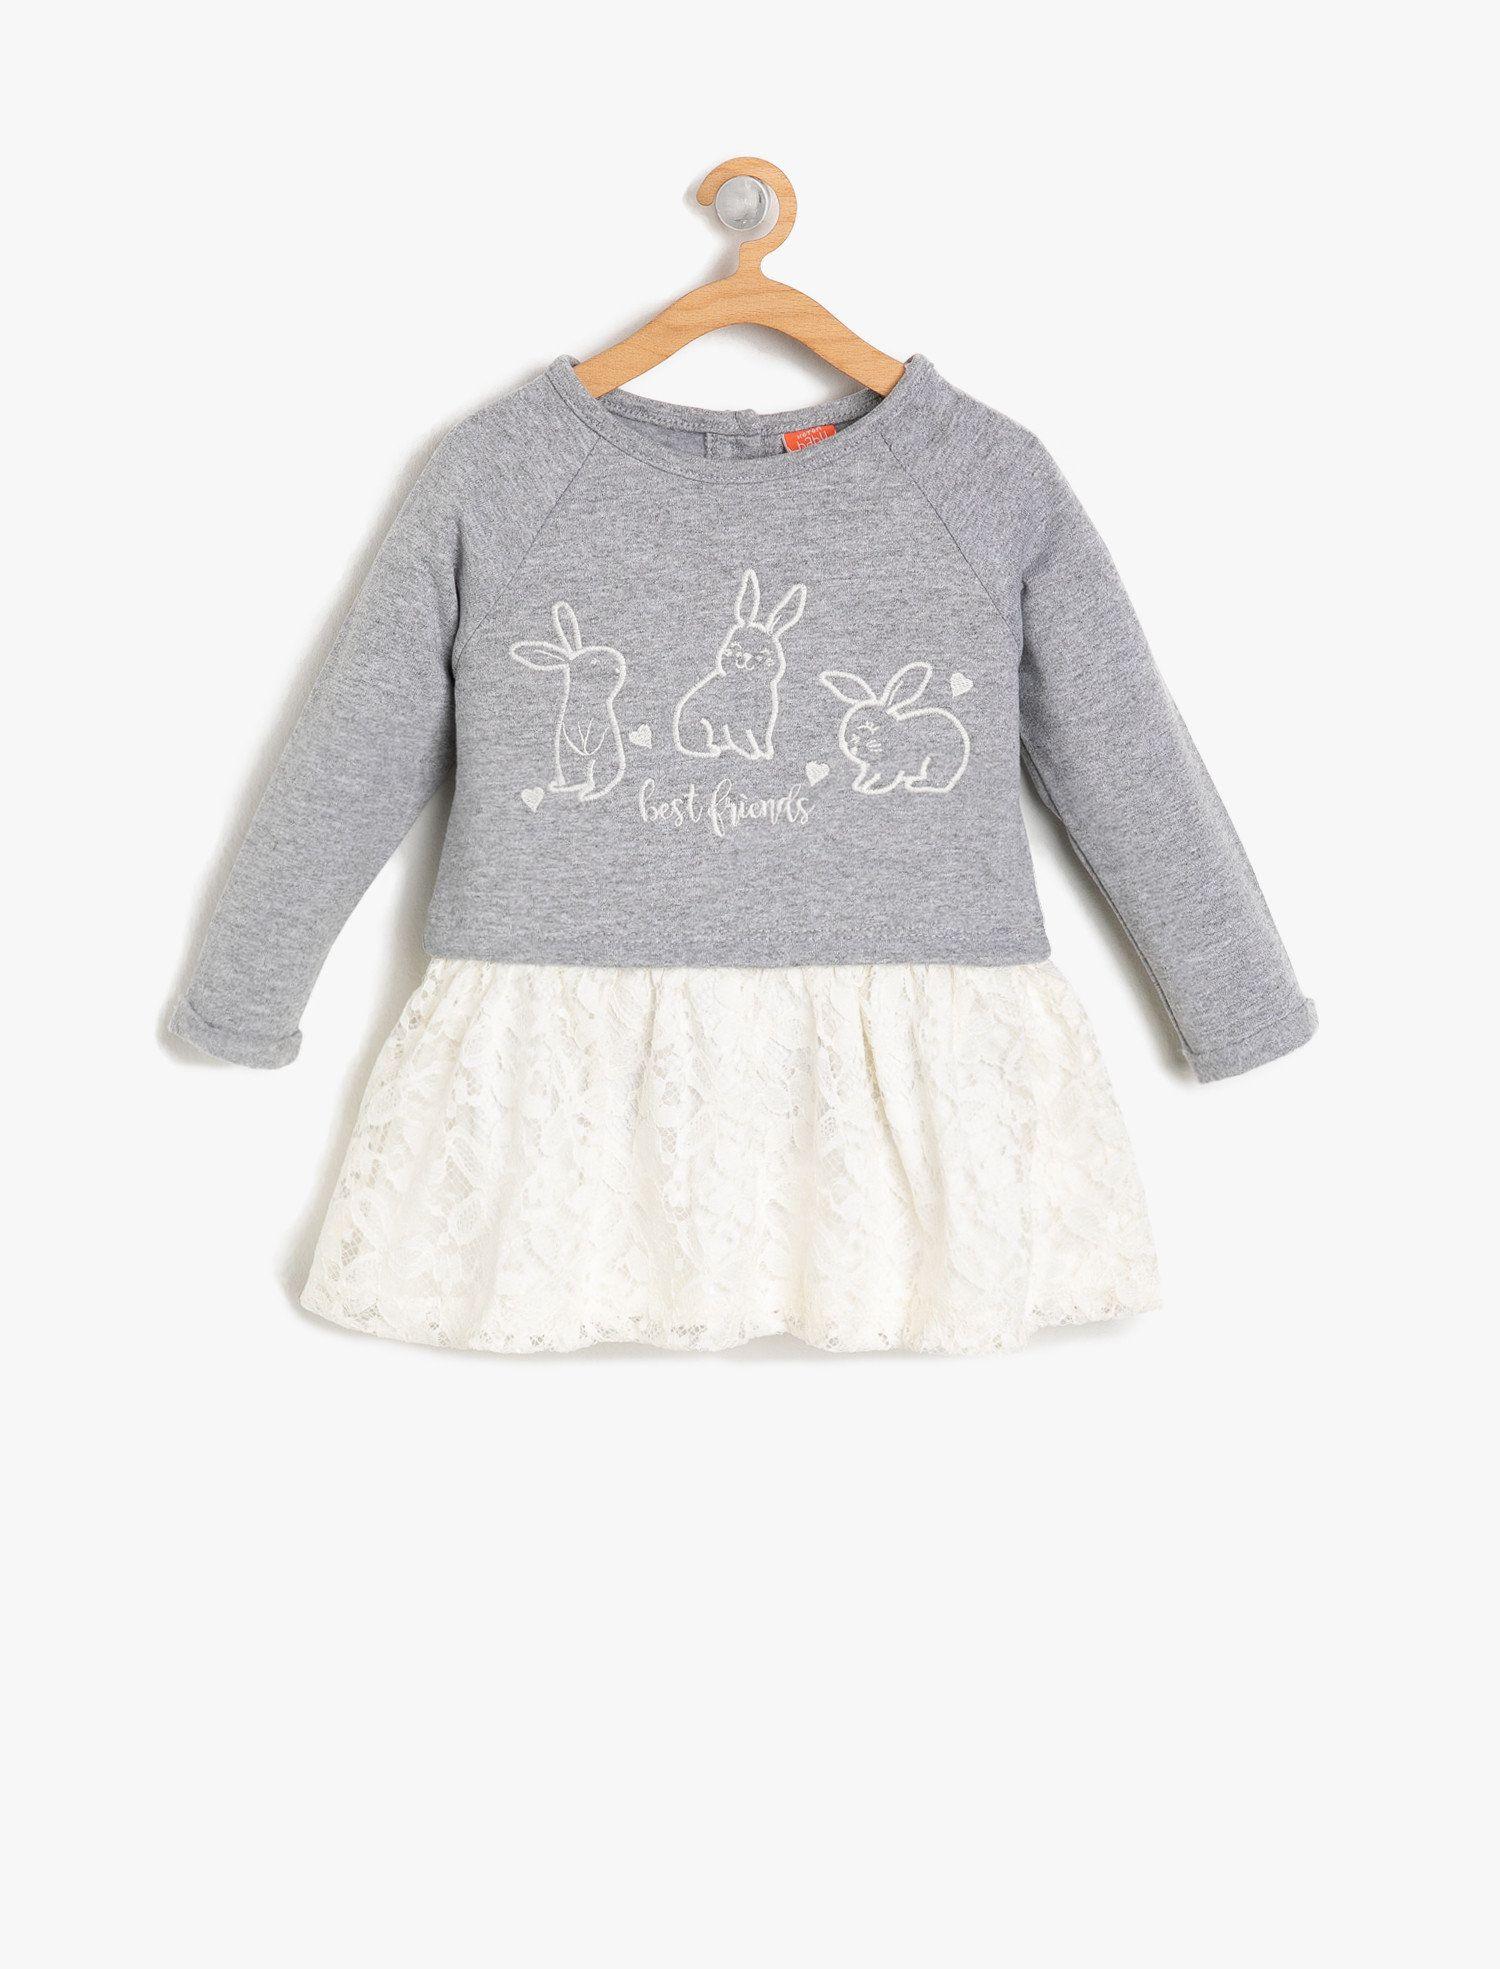 Gri Kiz Cocuk Baskili Elbise 9kmg89148ok023 Koton Elbise Baby Outfits Baskili Elbise